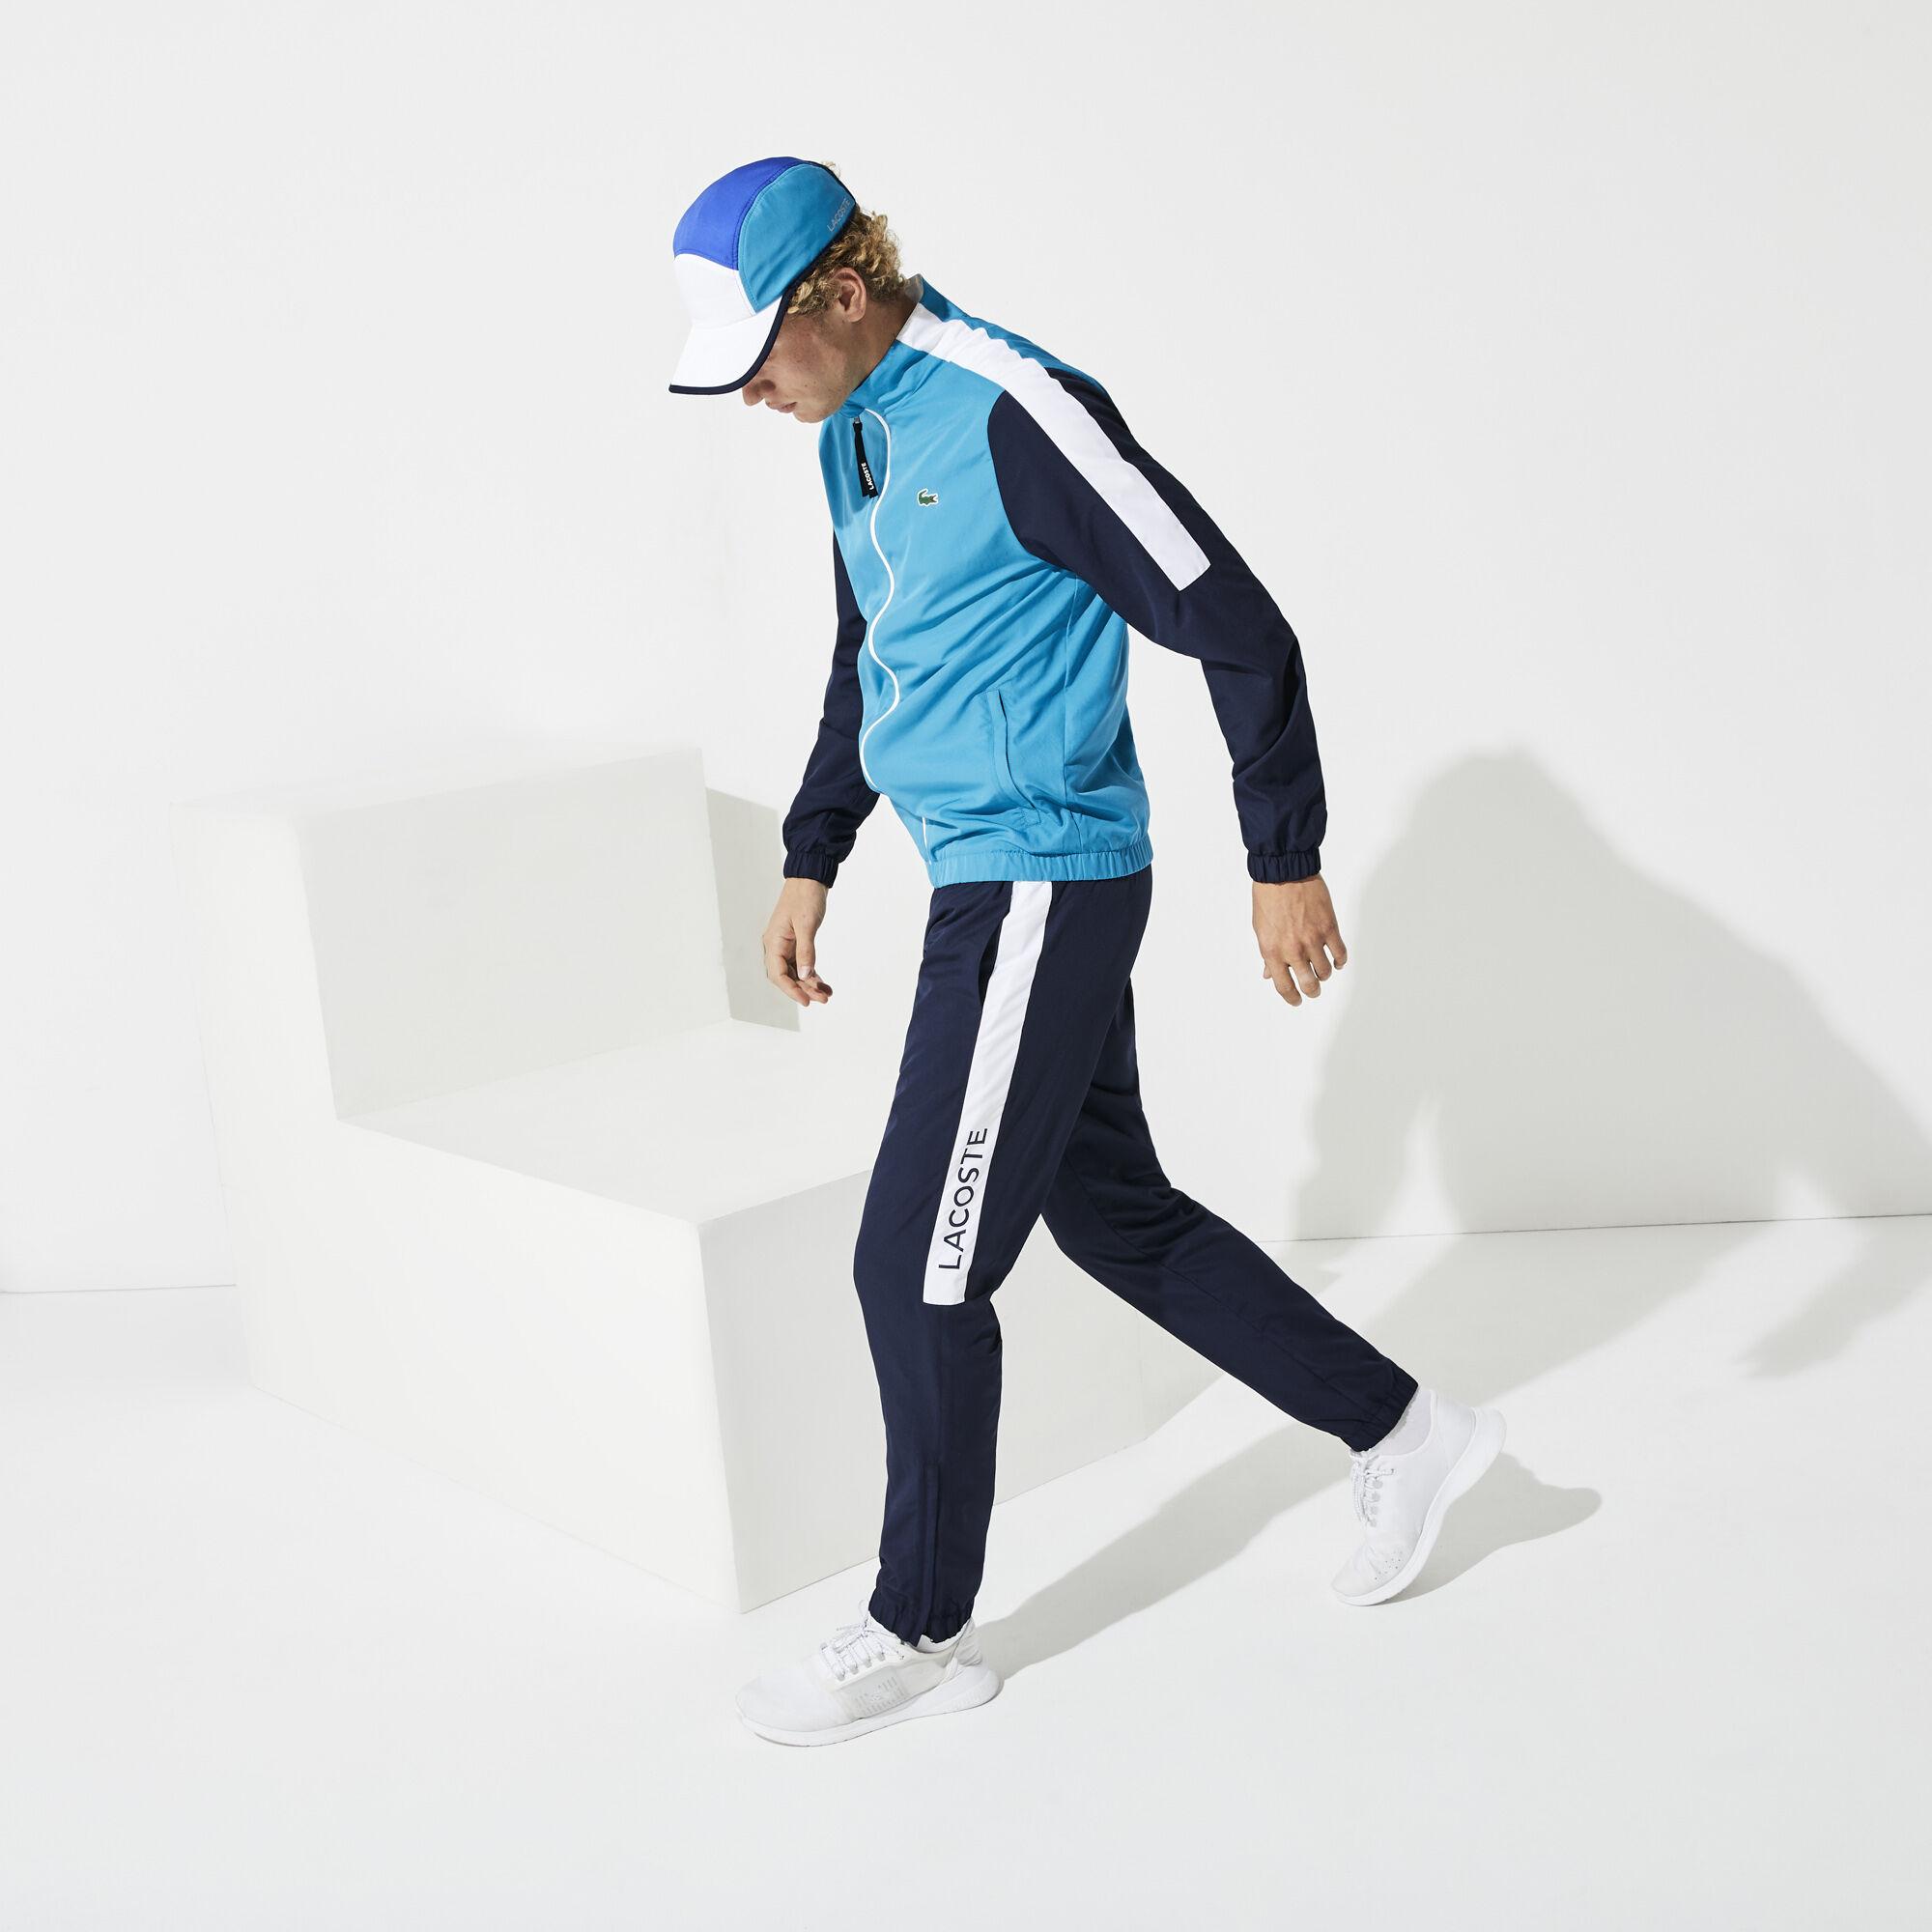 بذلة رياضية خفيفة بألوان متعددة للرجال من مجموعة Lacoste SPORT